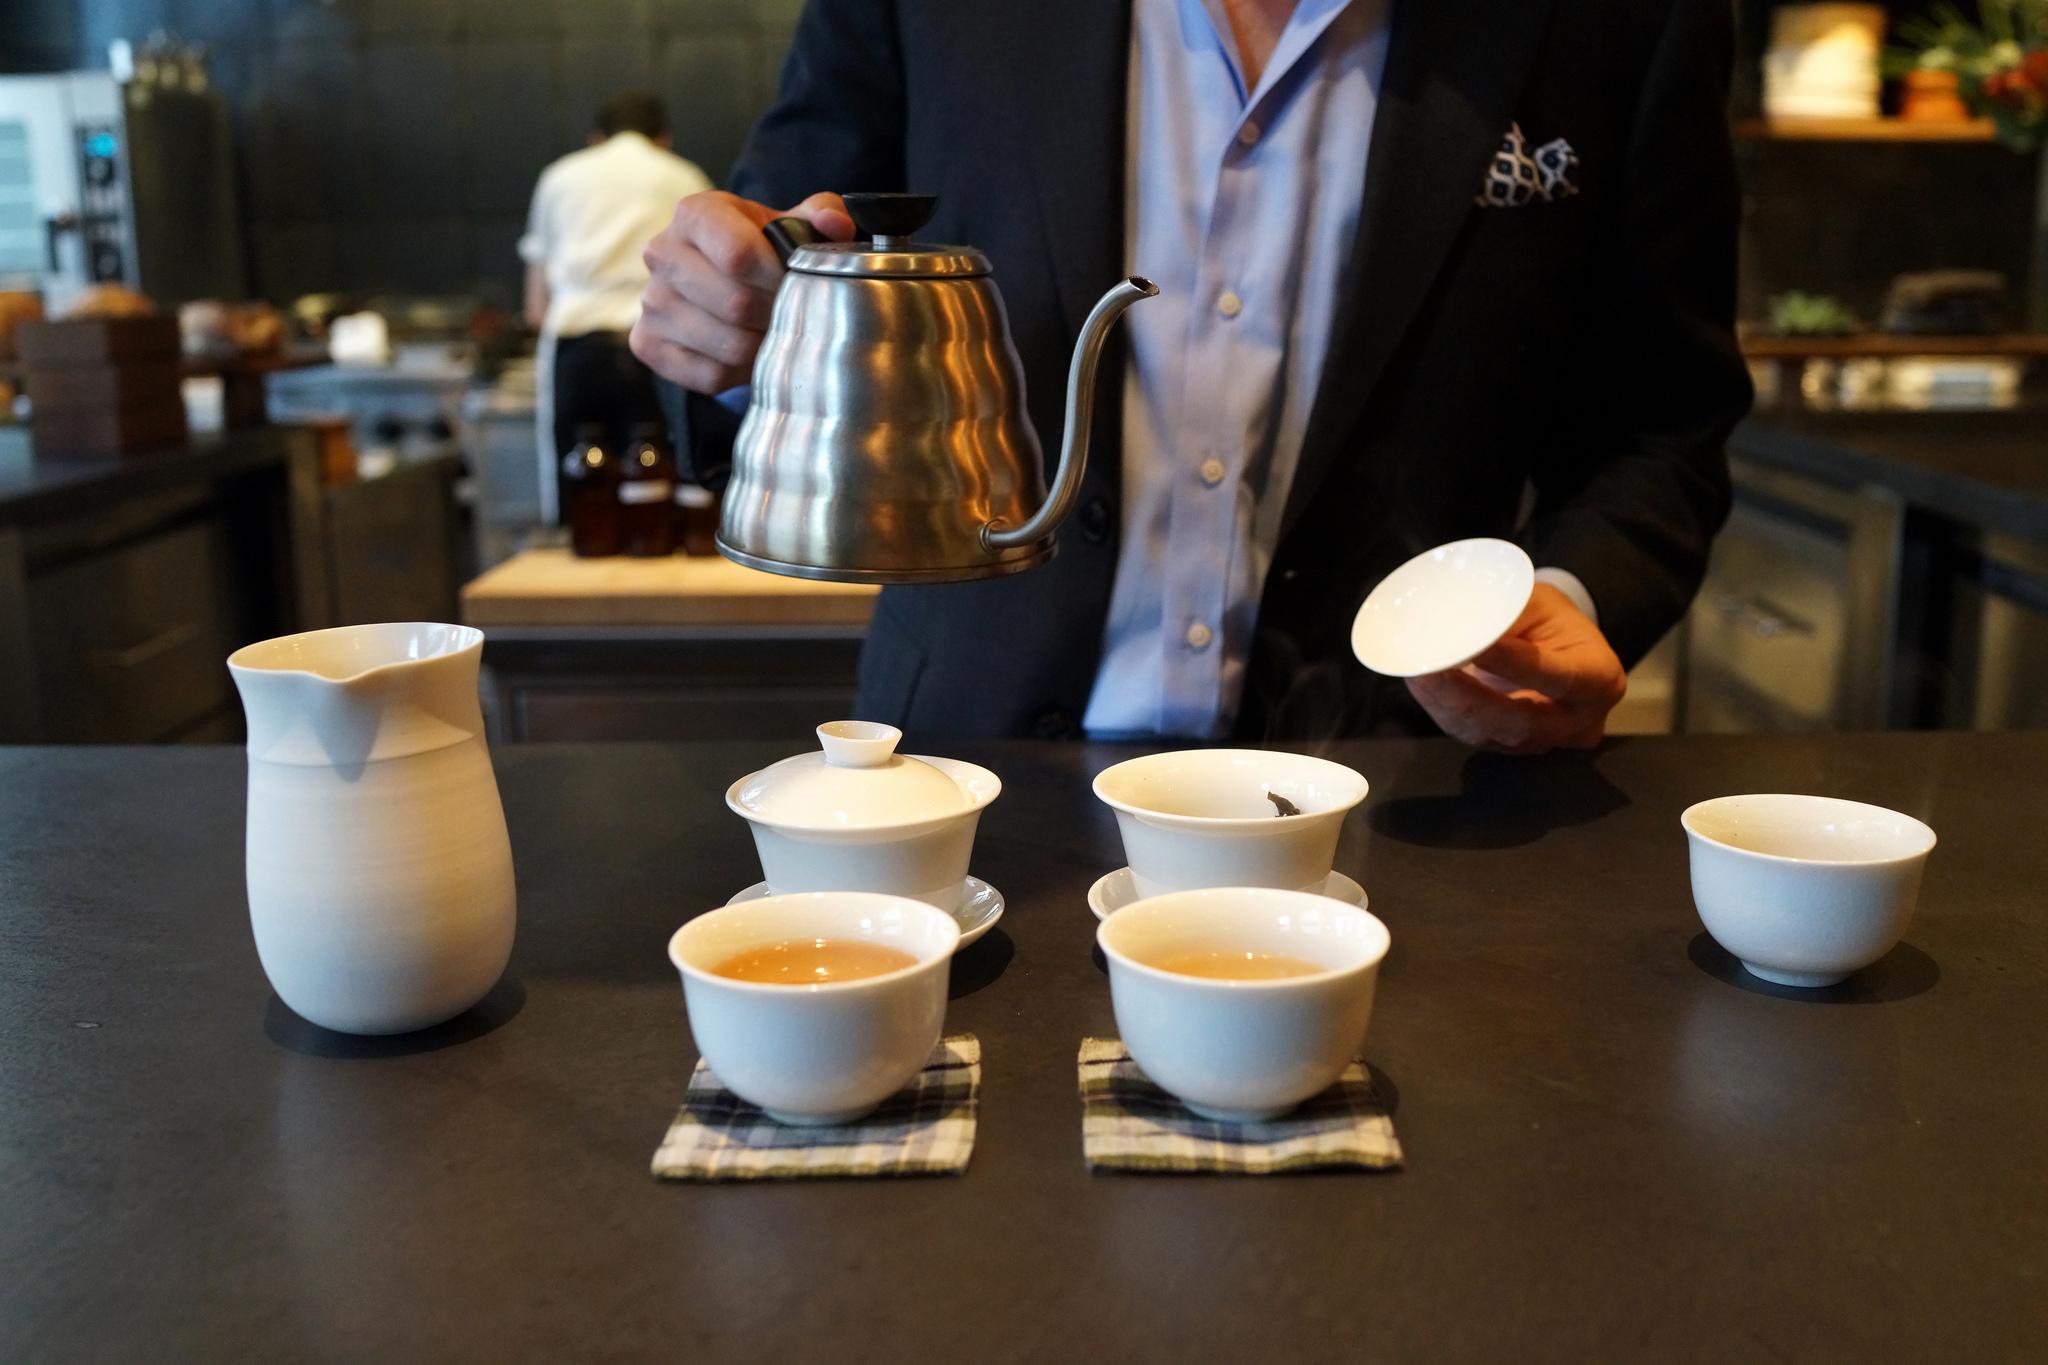 Tea service at Atera